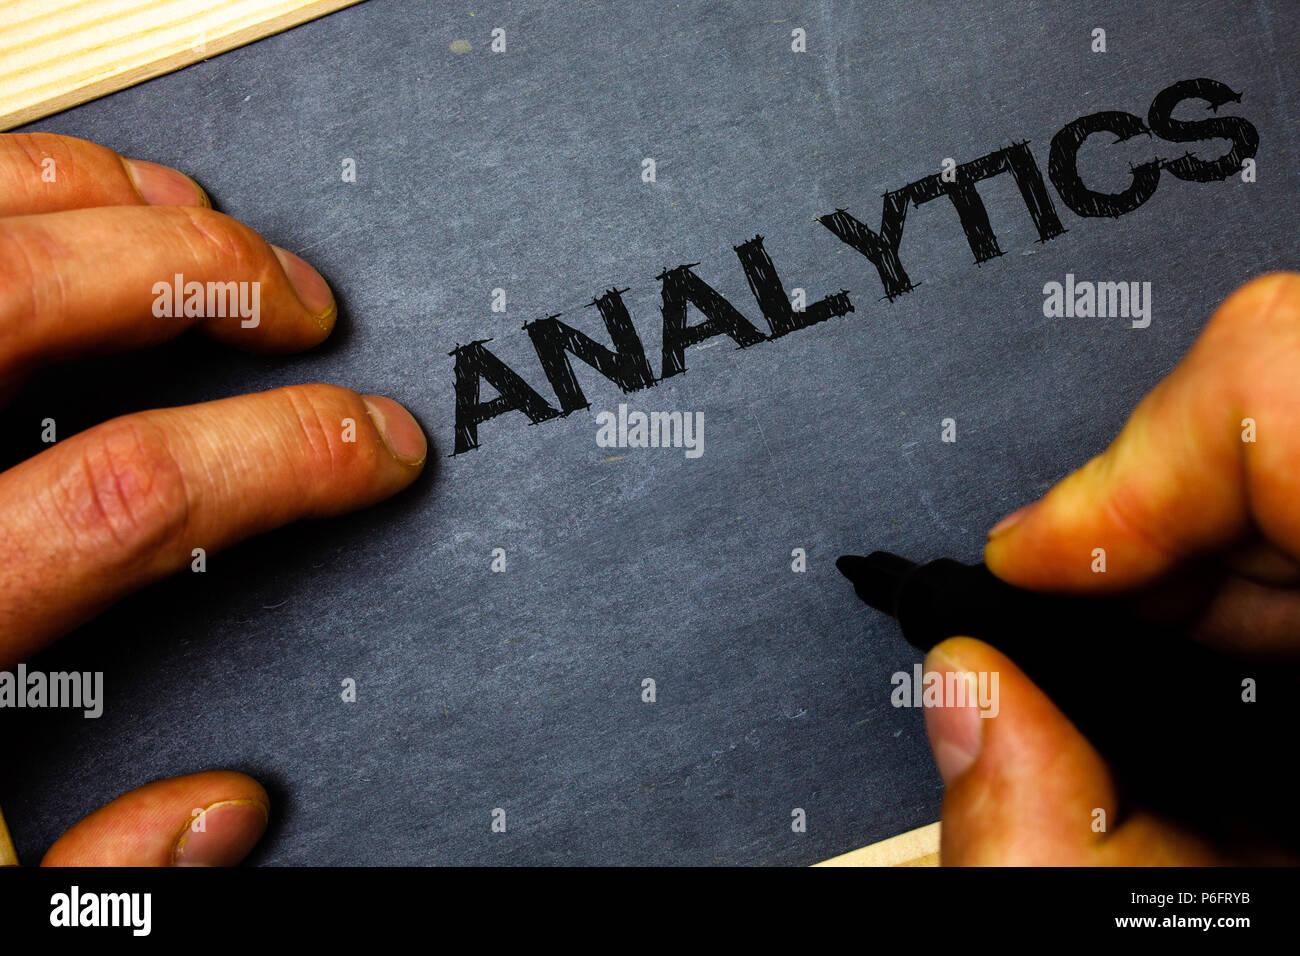 Wort schreiben Text Analytics. Business Konzept für die Analyse der Daten finanzielle Informationen Statistiken Bericht Dashboard Mann mit schwarzem Marker Marker Stockbild